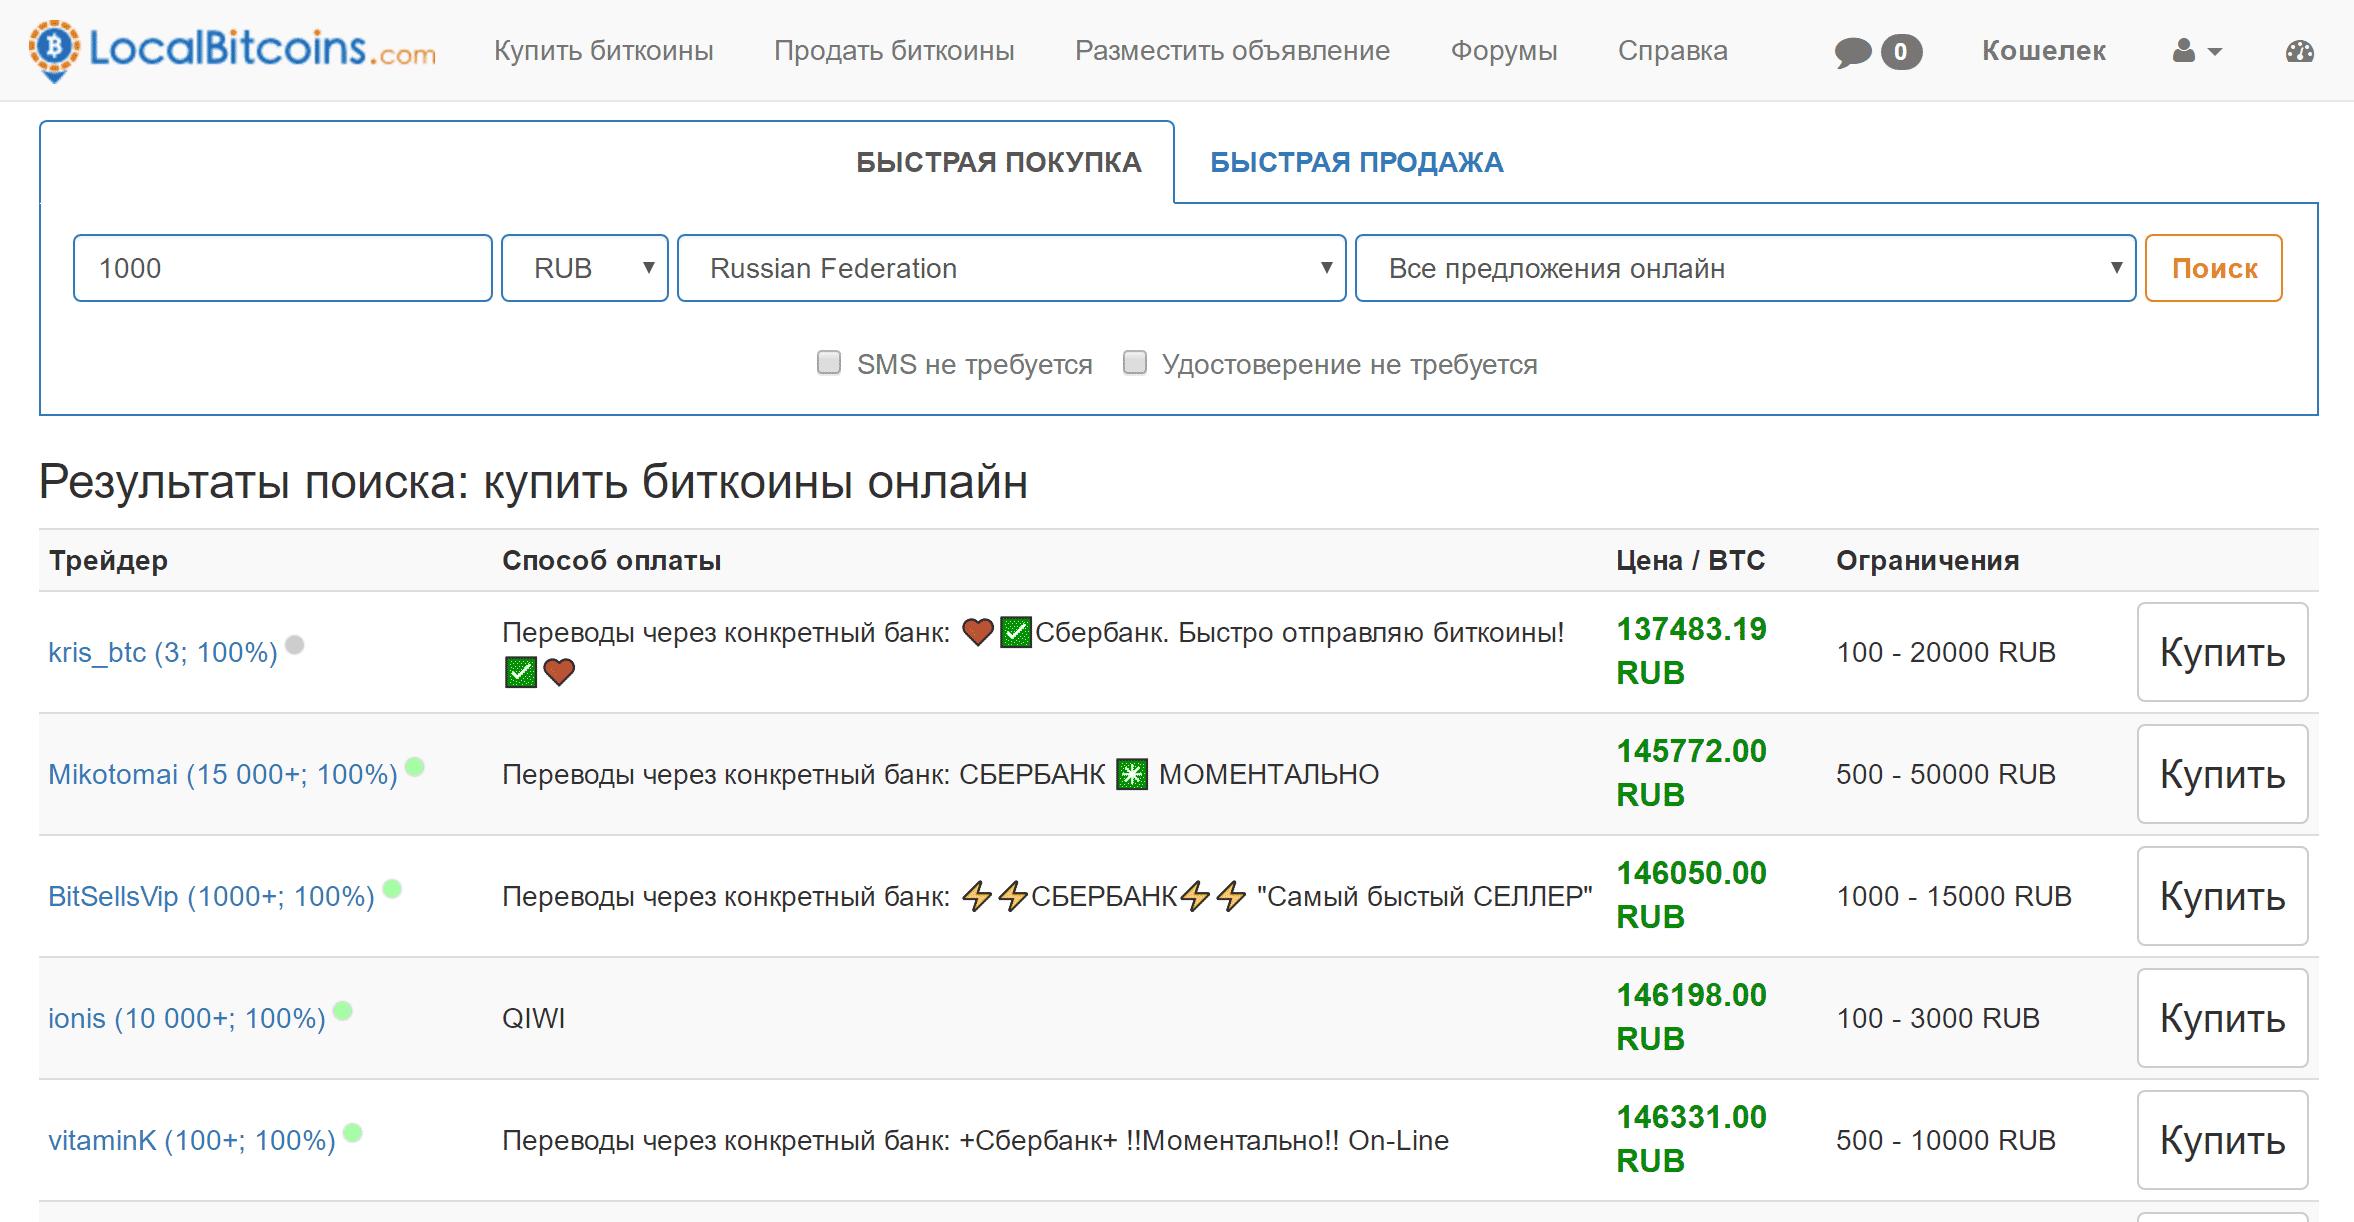 hogyan lehet 1000 et készíteni a bitcoinokon